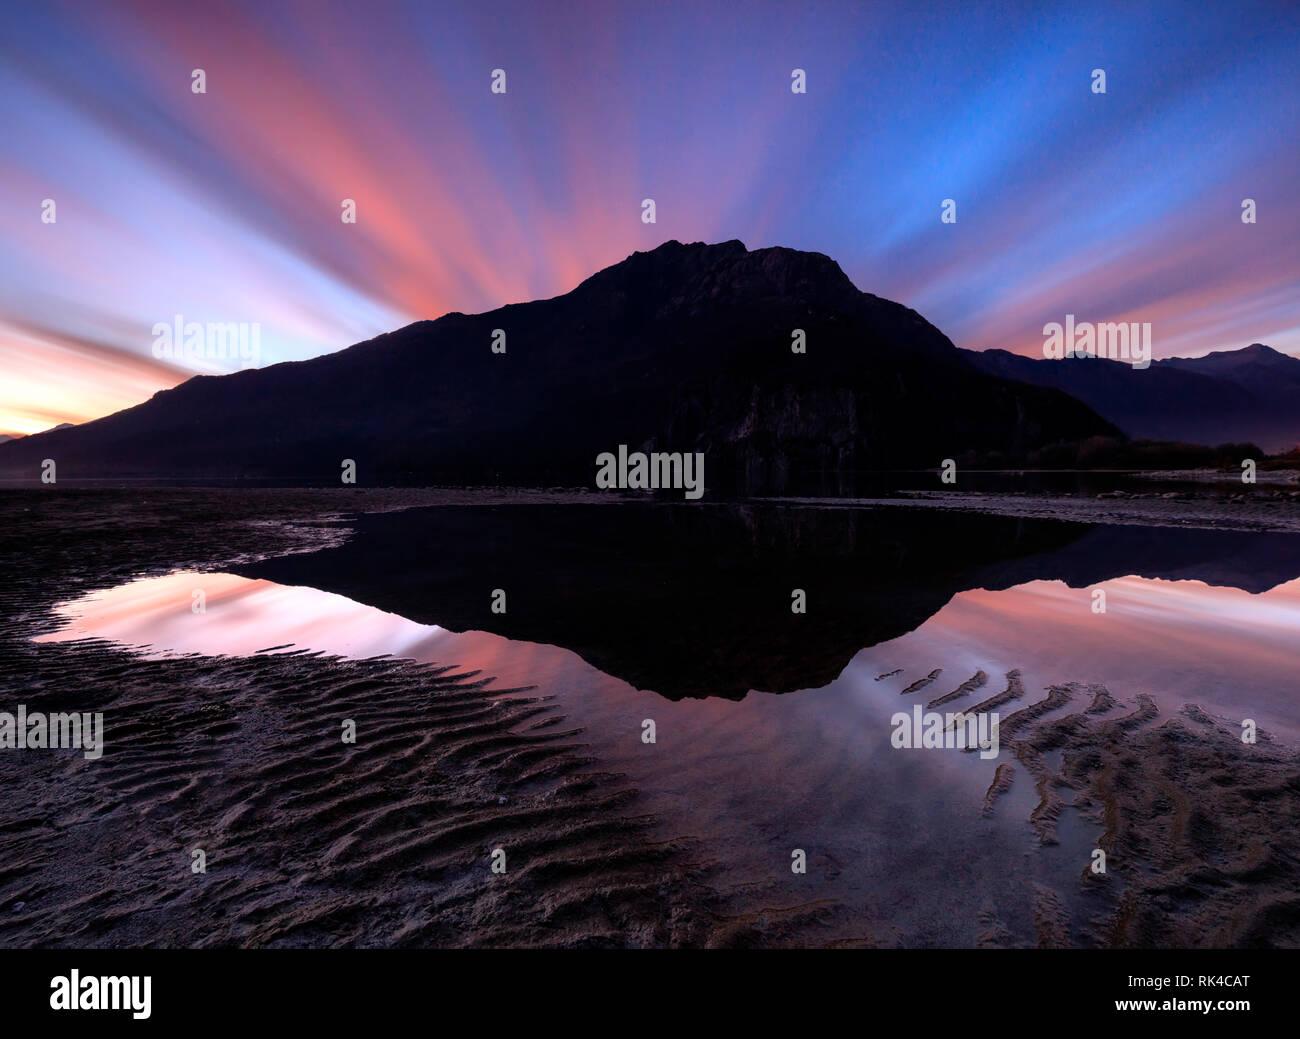 Coucher Soleil nuages en miroir dans l'eau, Novate Mezzola, Chiavenna, vallée de la Valteline, province Sondrio, Lombardie, Italie Banque D'Images